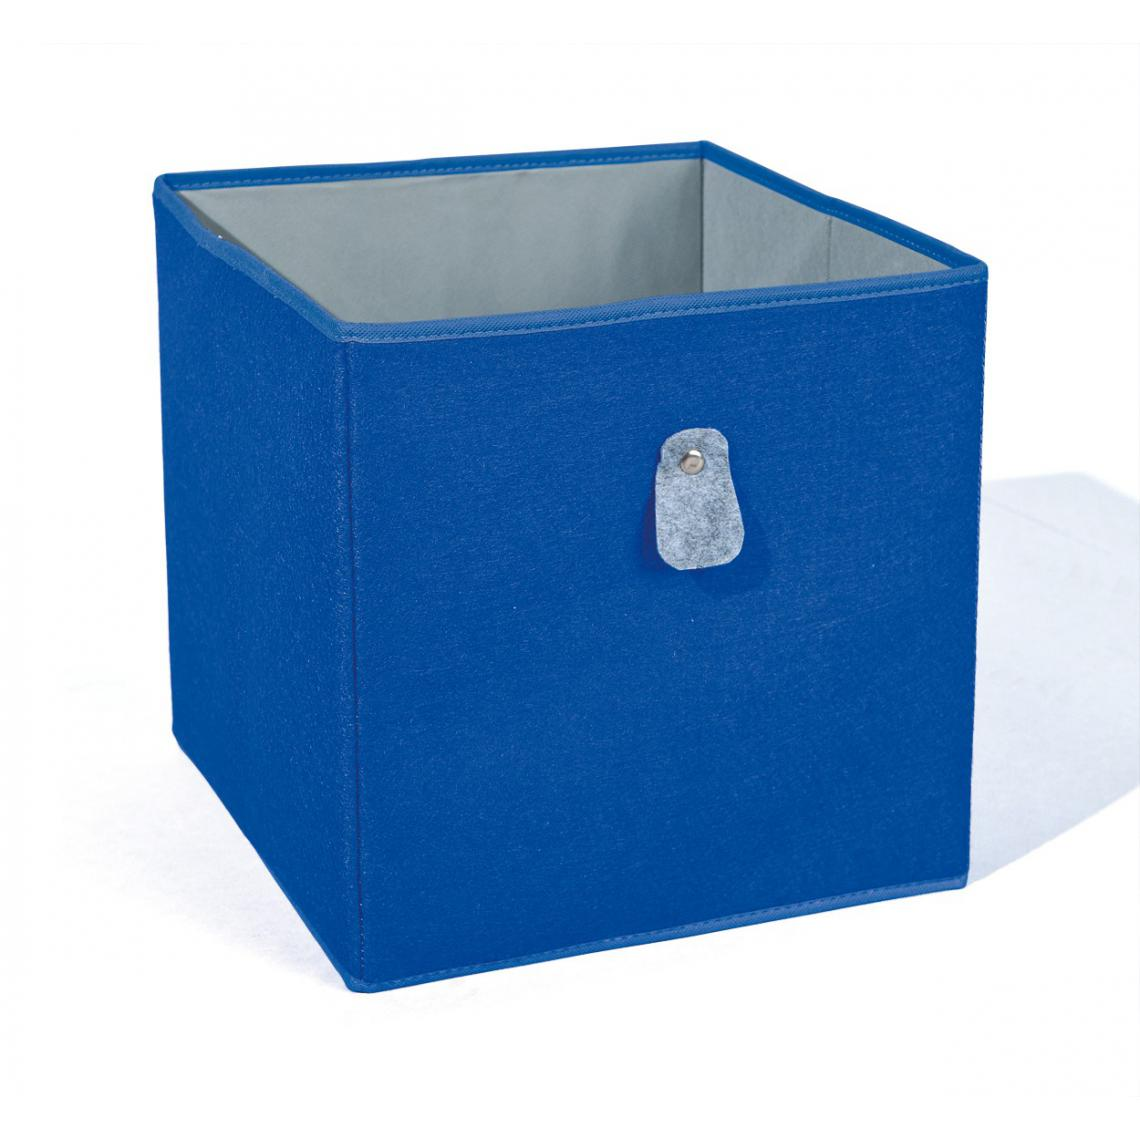 Boite De Rangement Bleue et Grise JOLLY   3 SUISSES